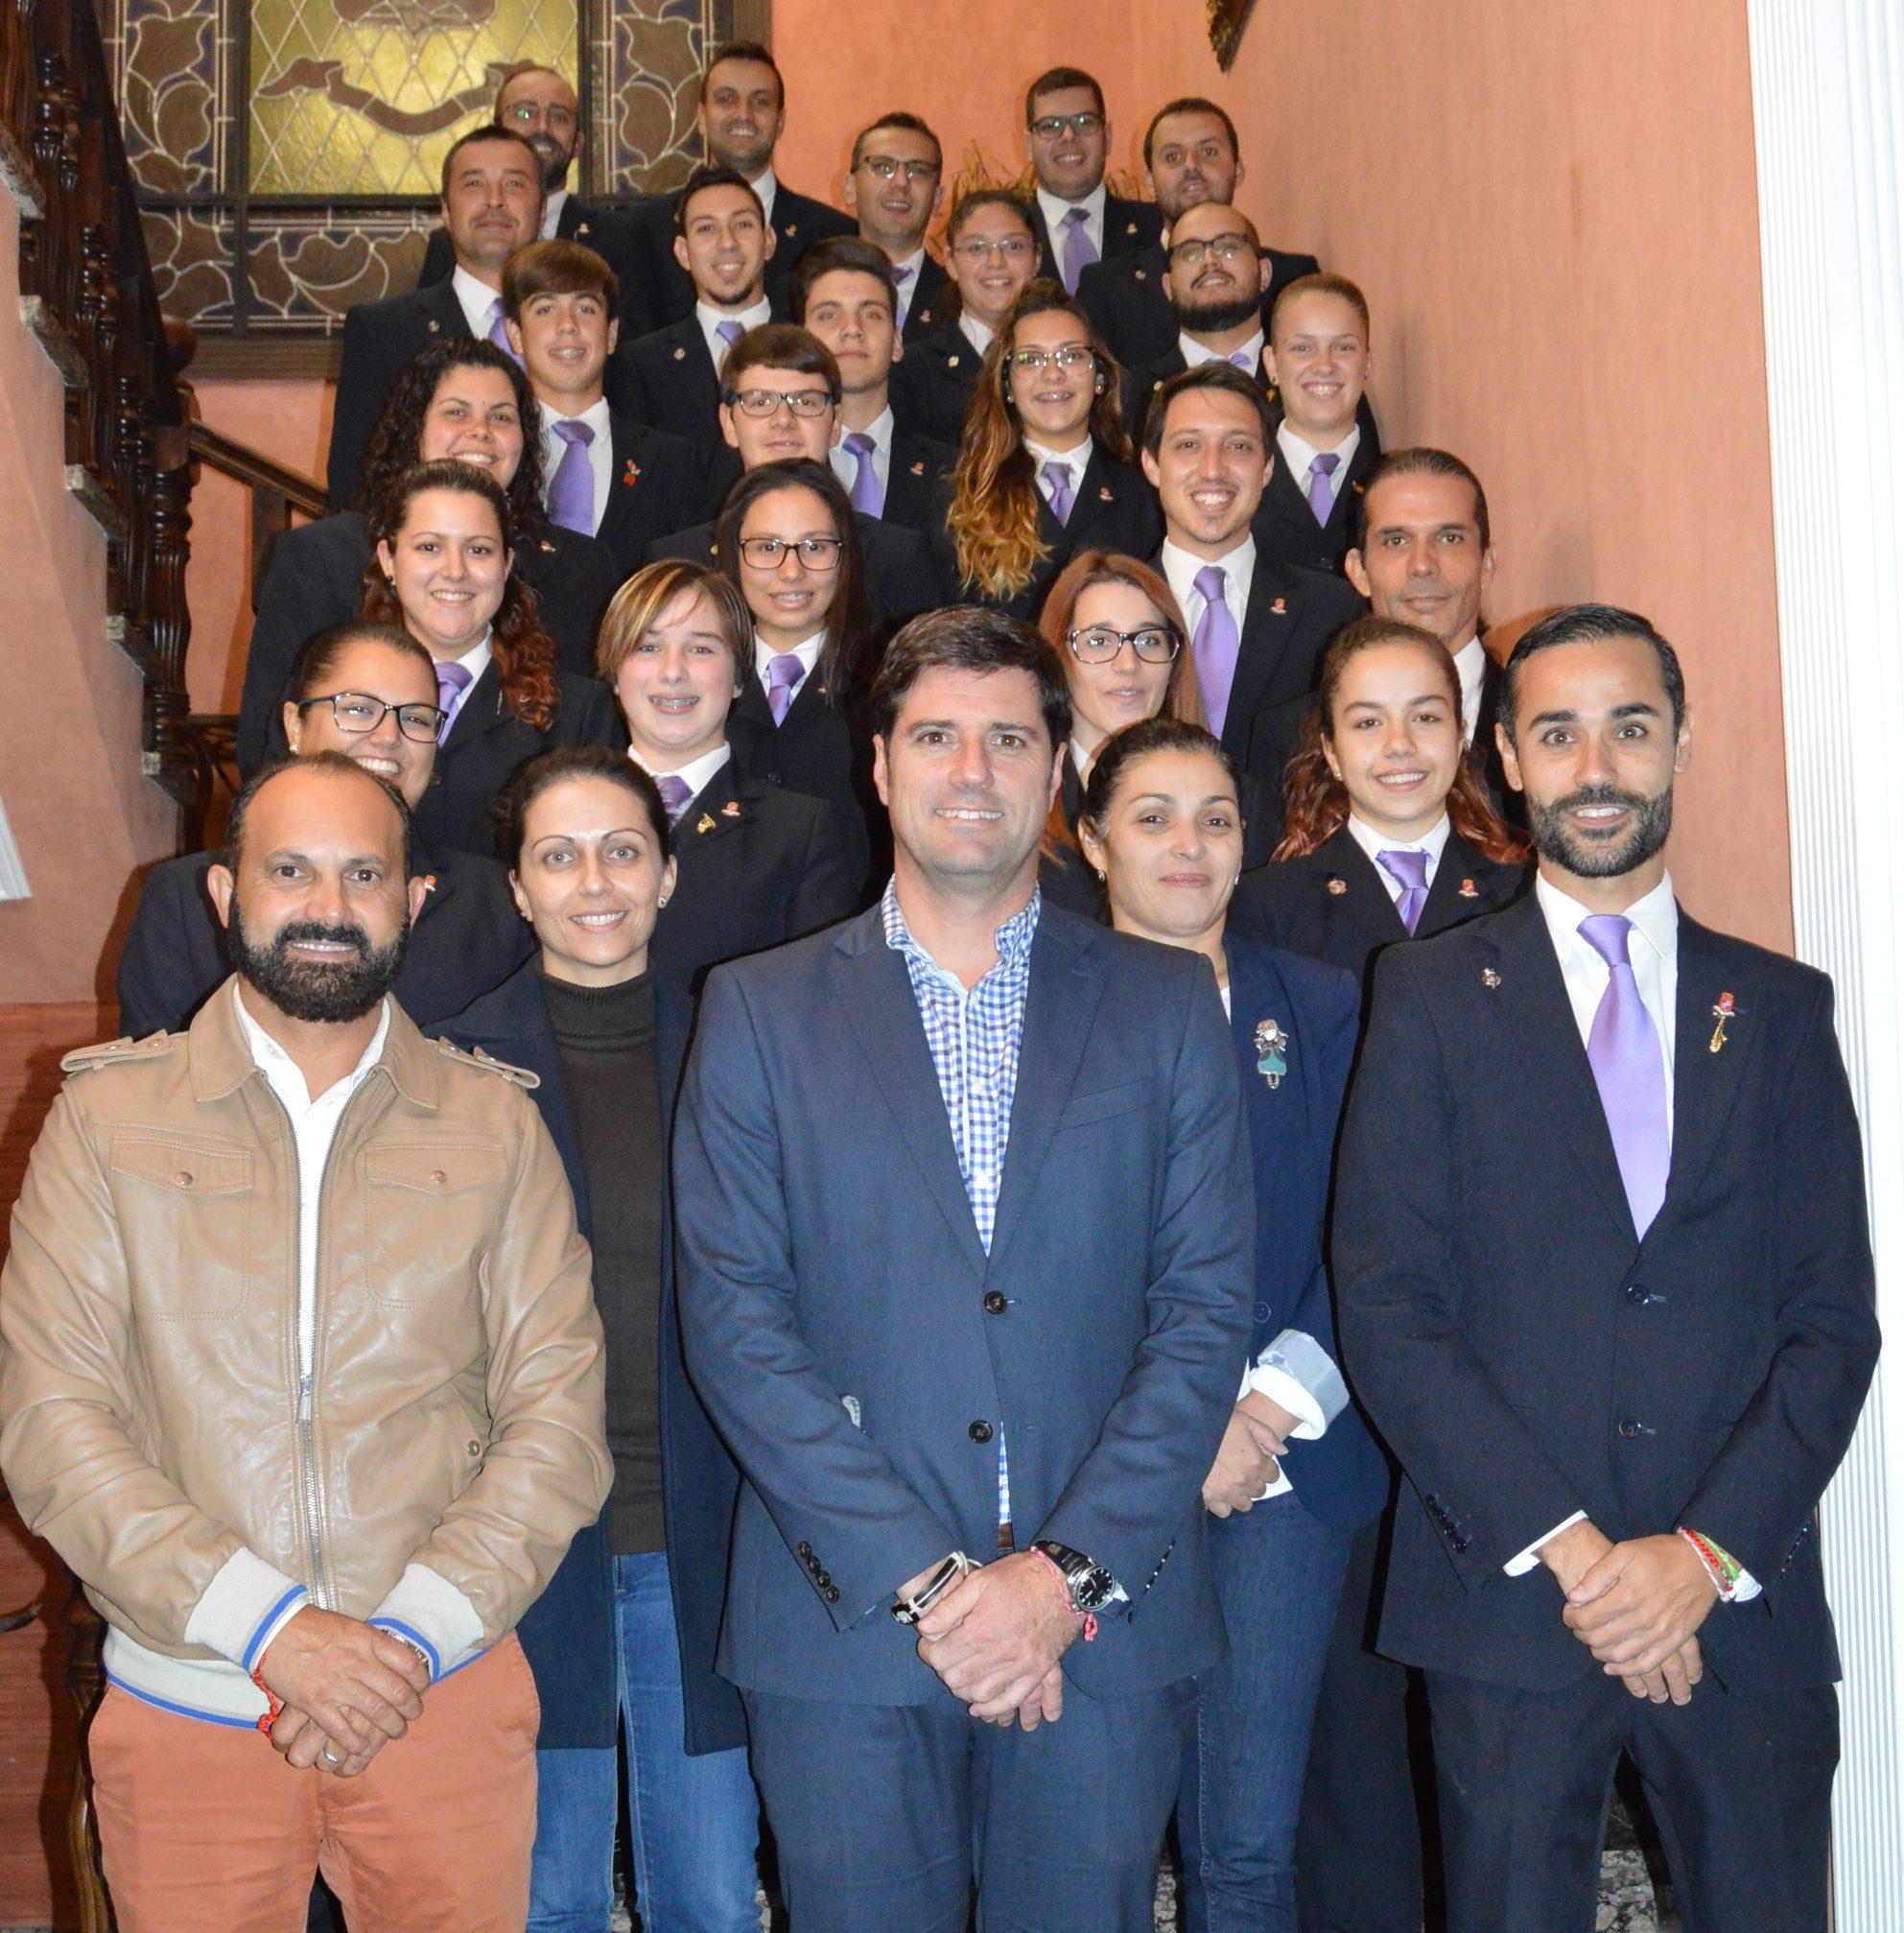 foto-de-los-miembros-de-la-banda-municipal-junto-a-representantes-municipales